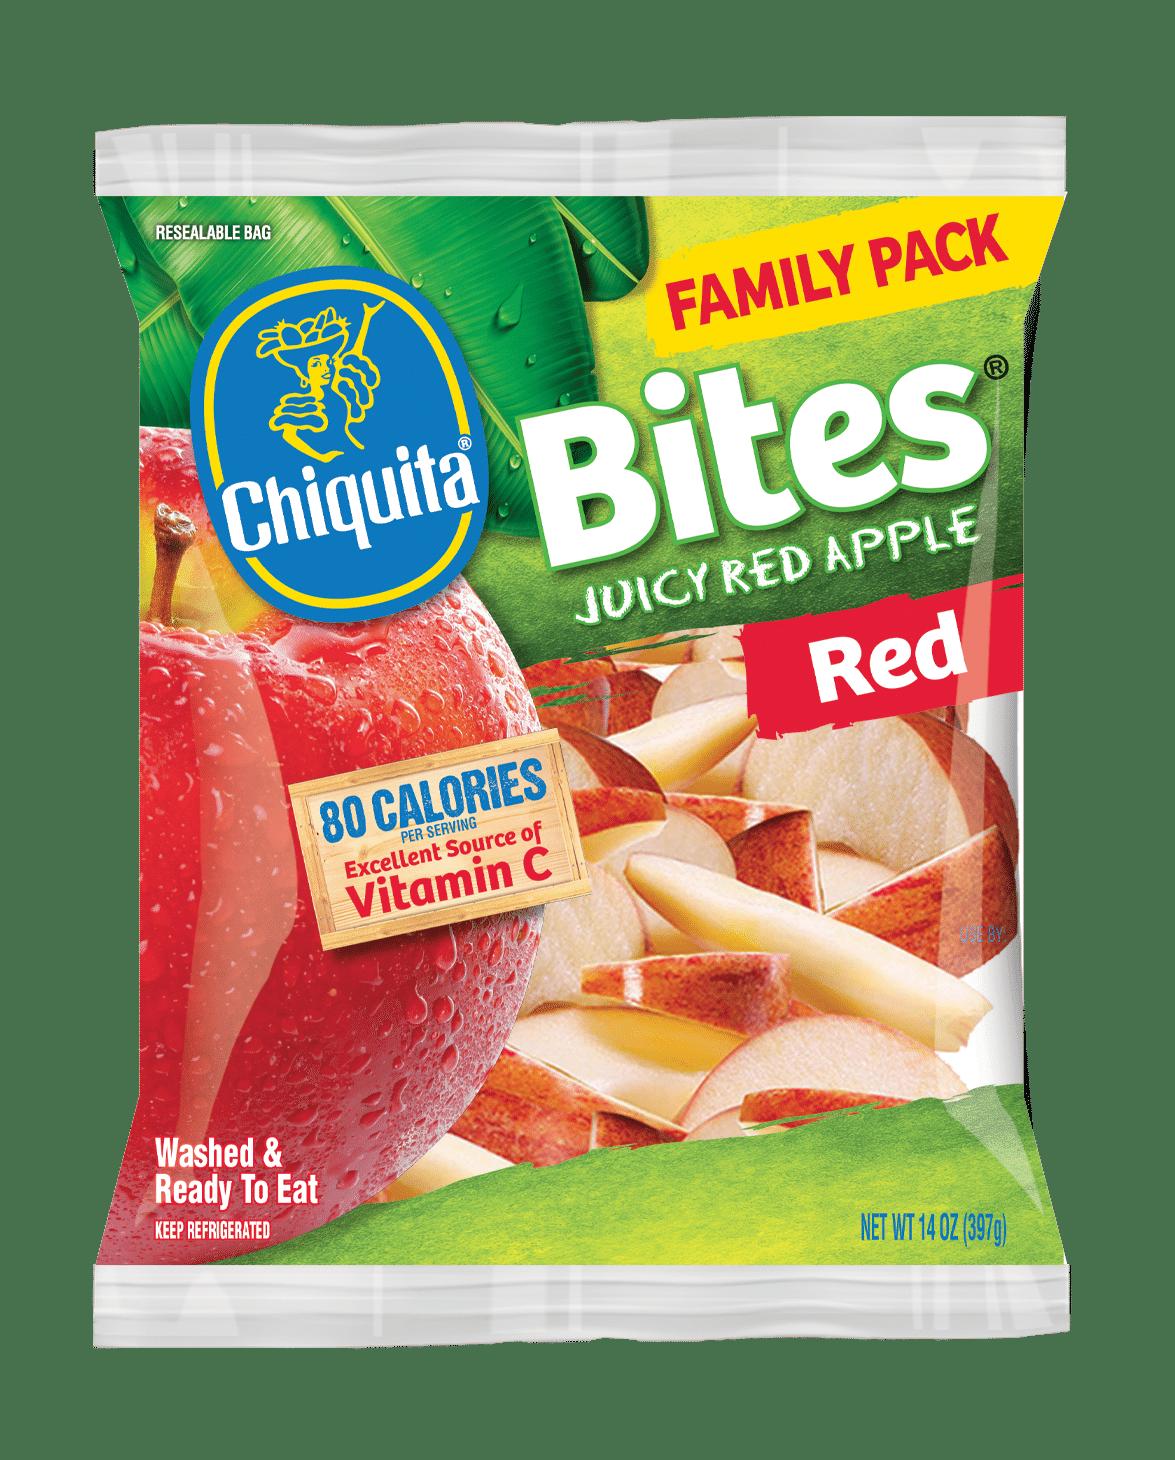 Red Apple Bites Family Pack